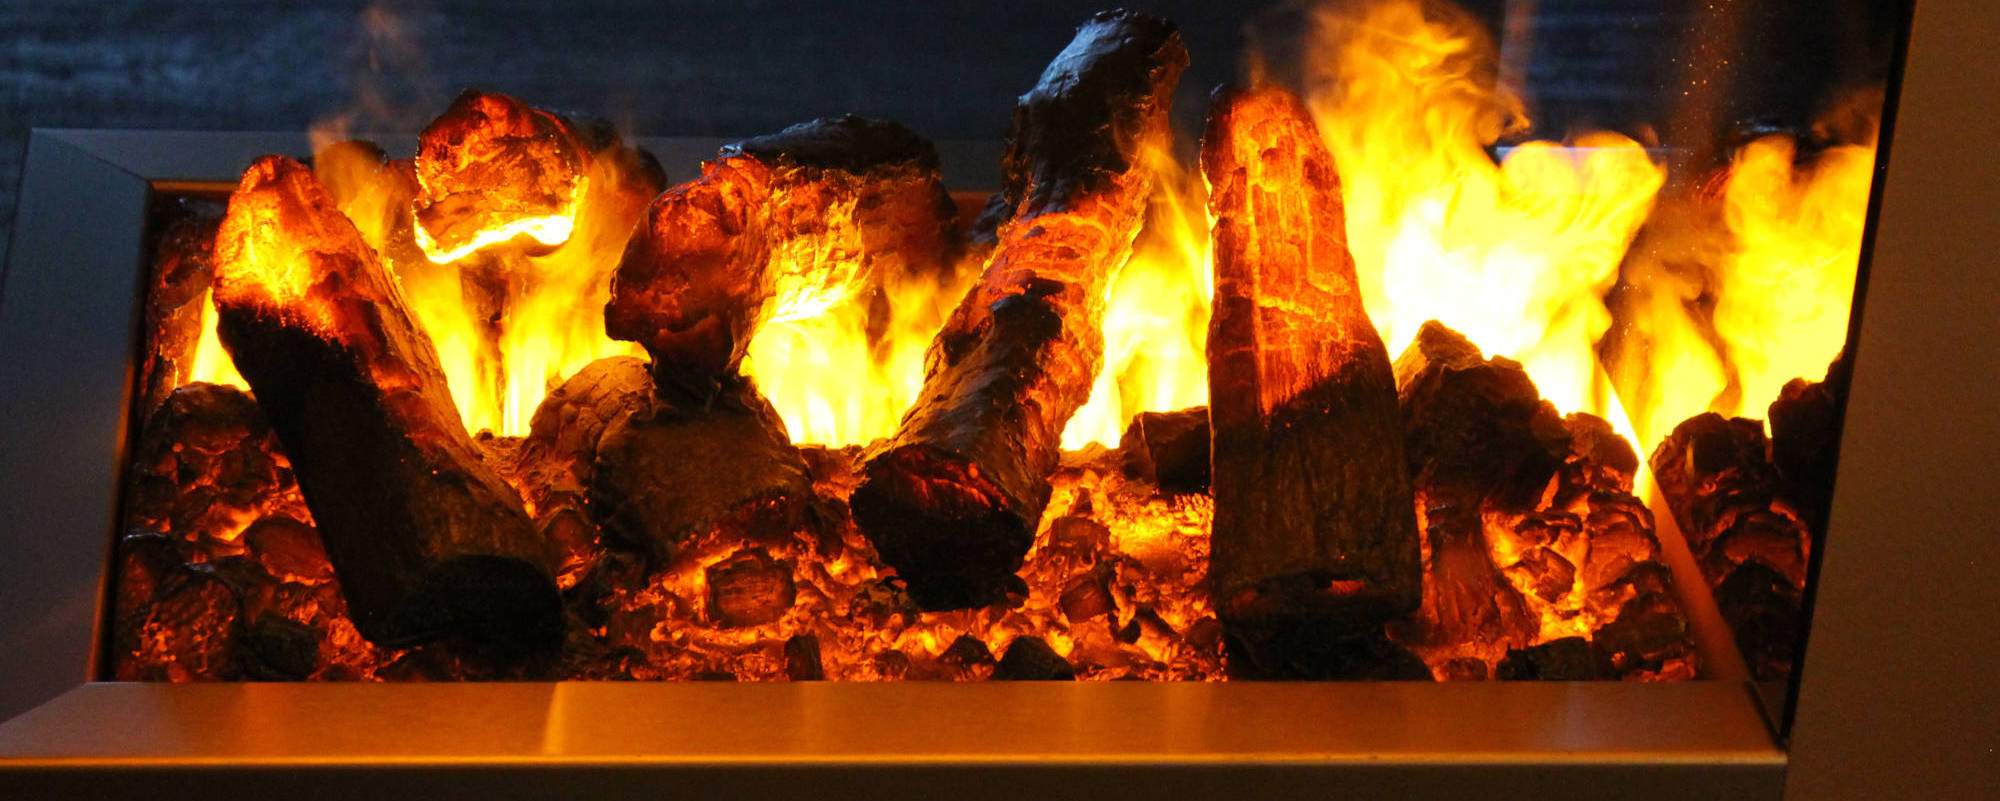 Innenausbau und Brandschutz Schliengen